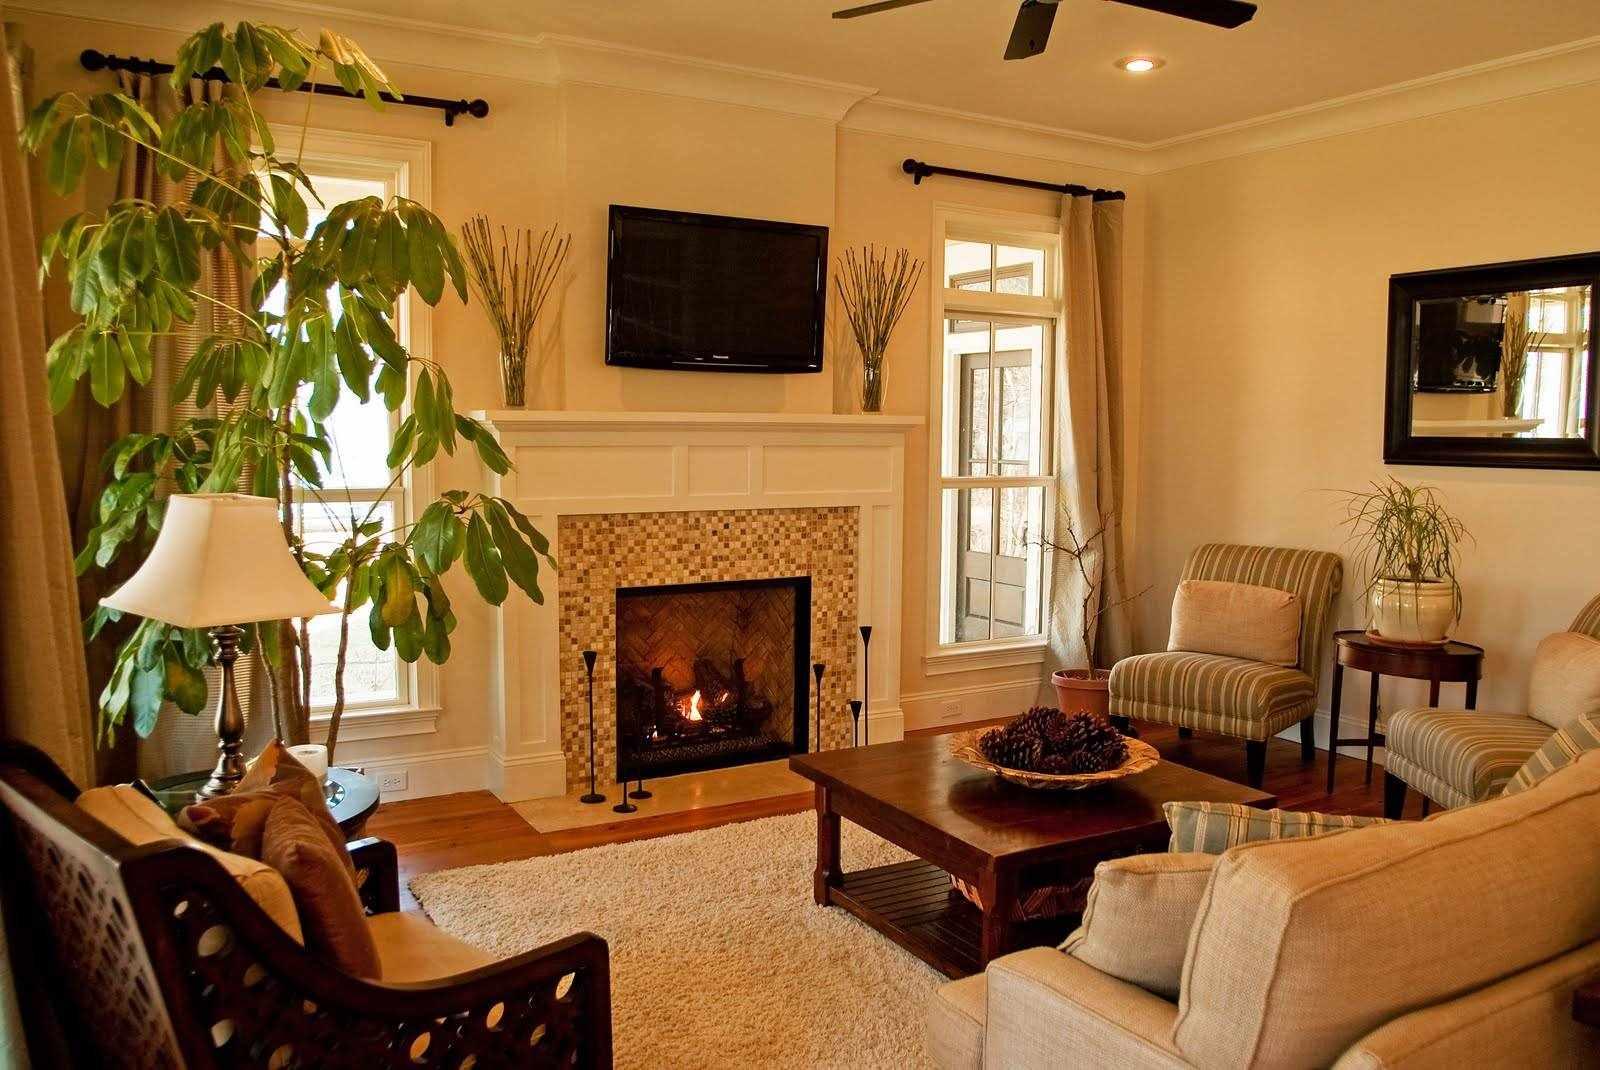 идея применения яркого стиля гостиной комнаты с камином